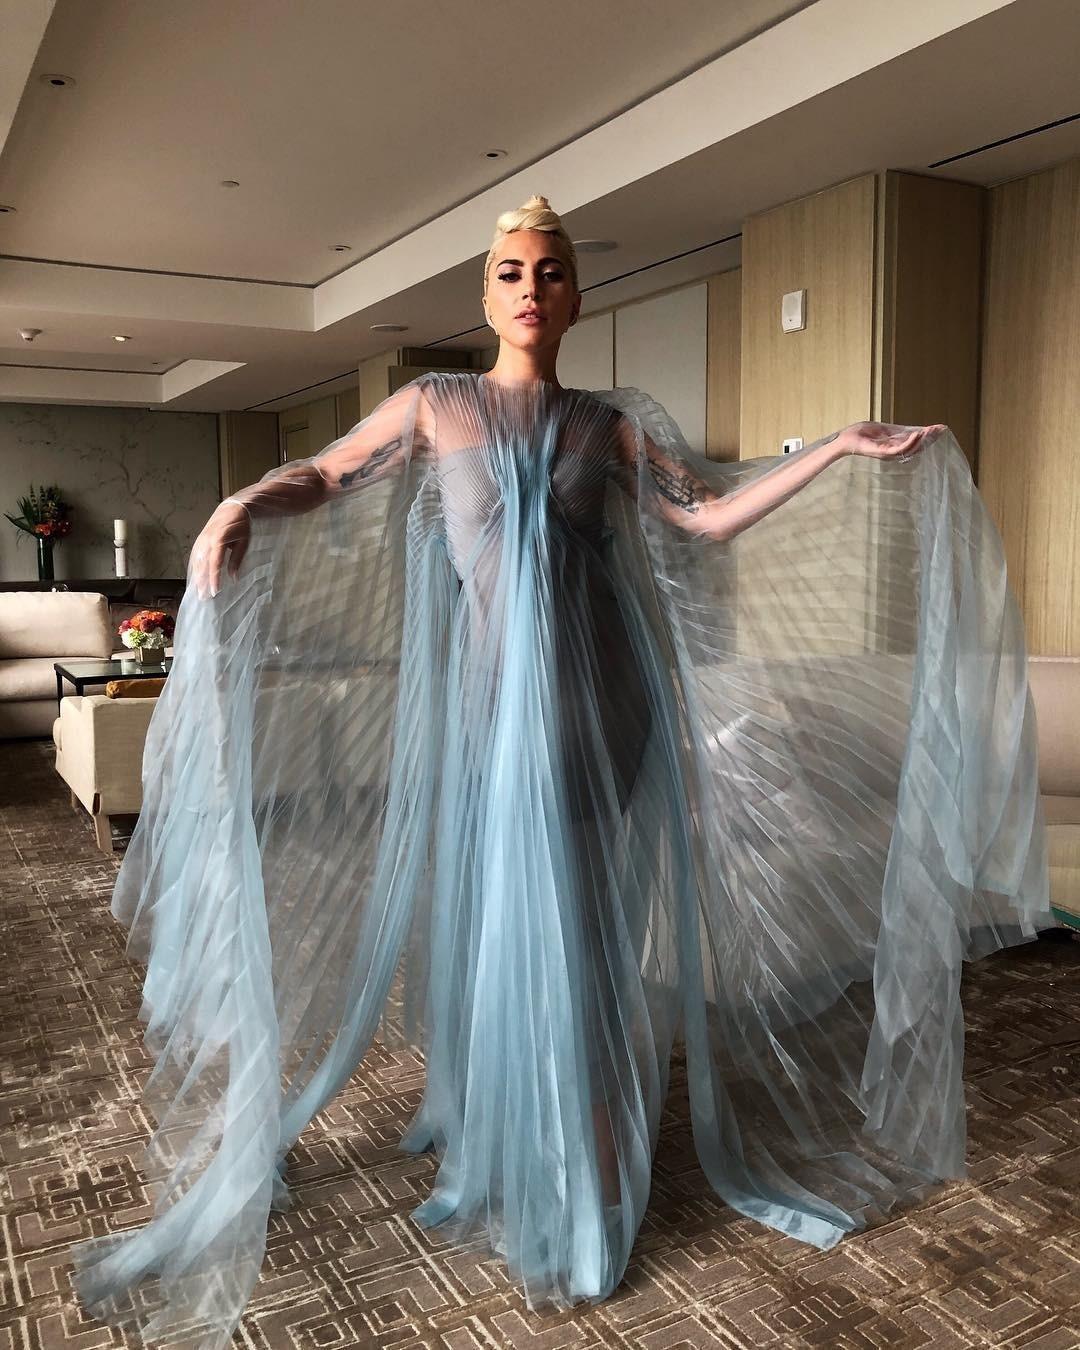 Королева эпатажа не перестает удивлять поклонников. В одном из интервью певица призналась, что иногда в качестве пижамы использует наряды, в которых выступала на сцене. Предполагаем, что...